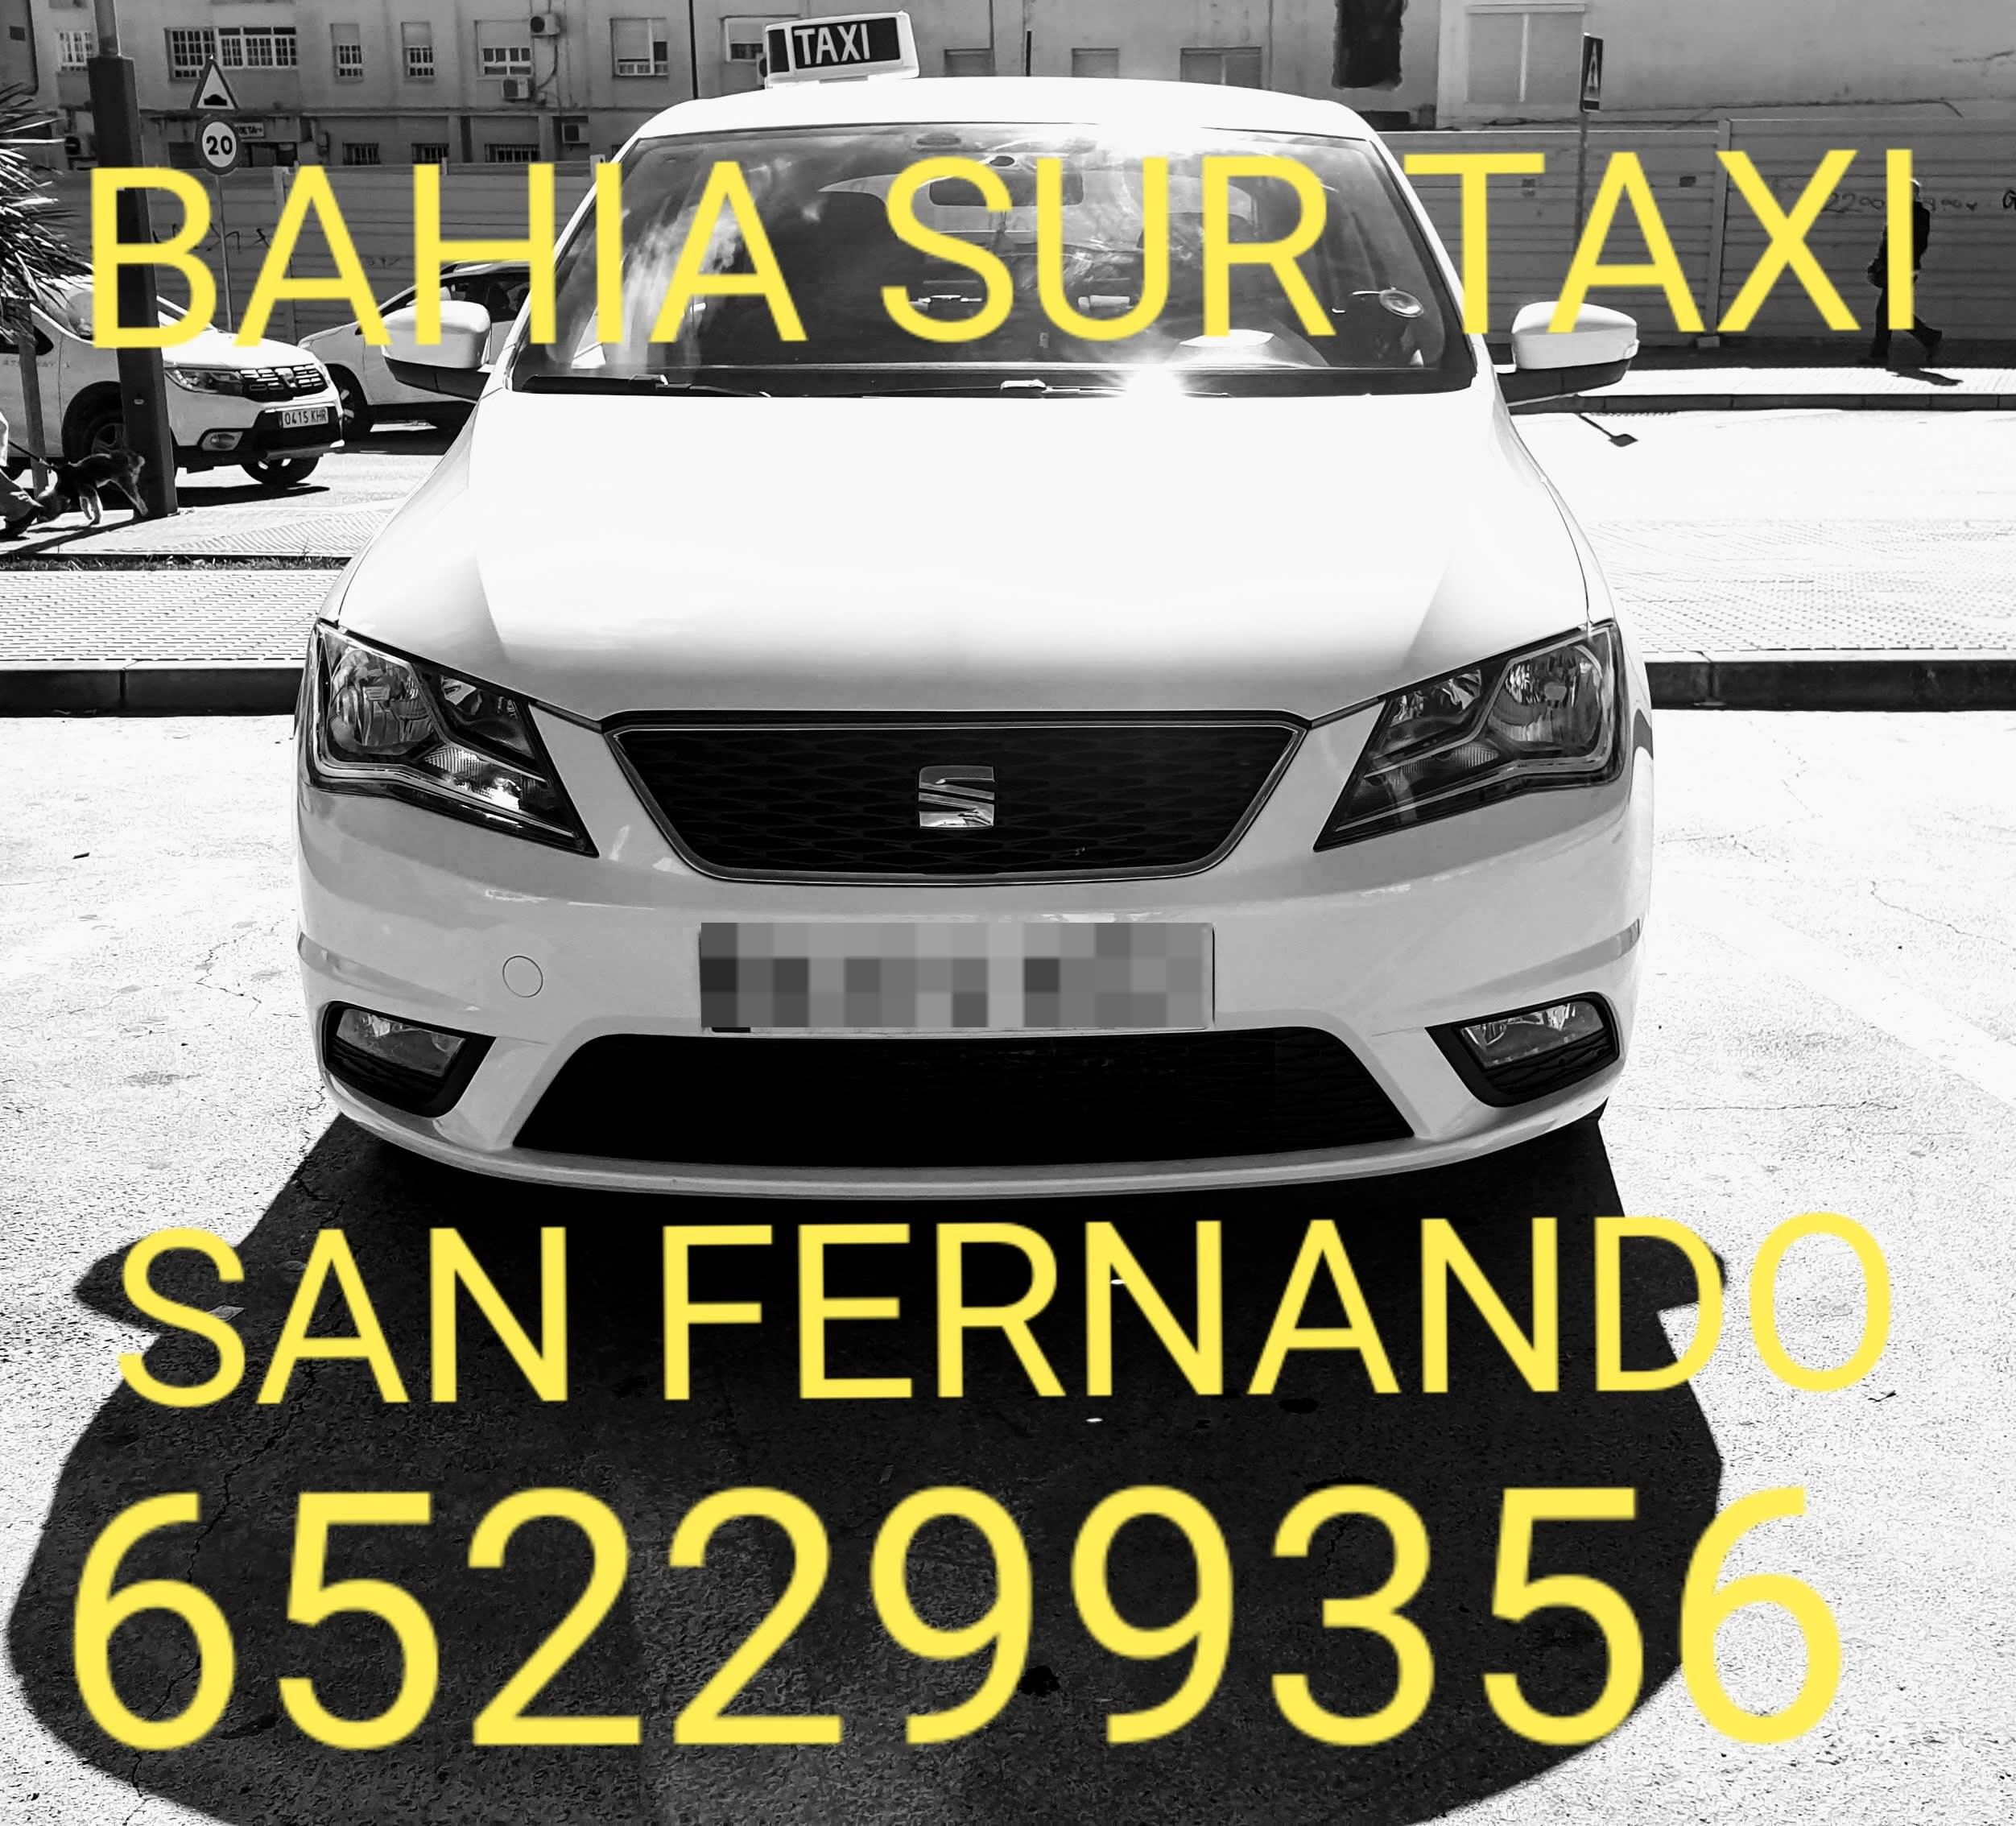 Bahia Sur Taxi San Fernando